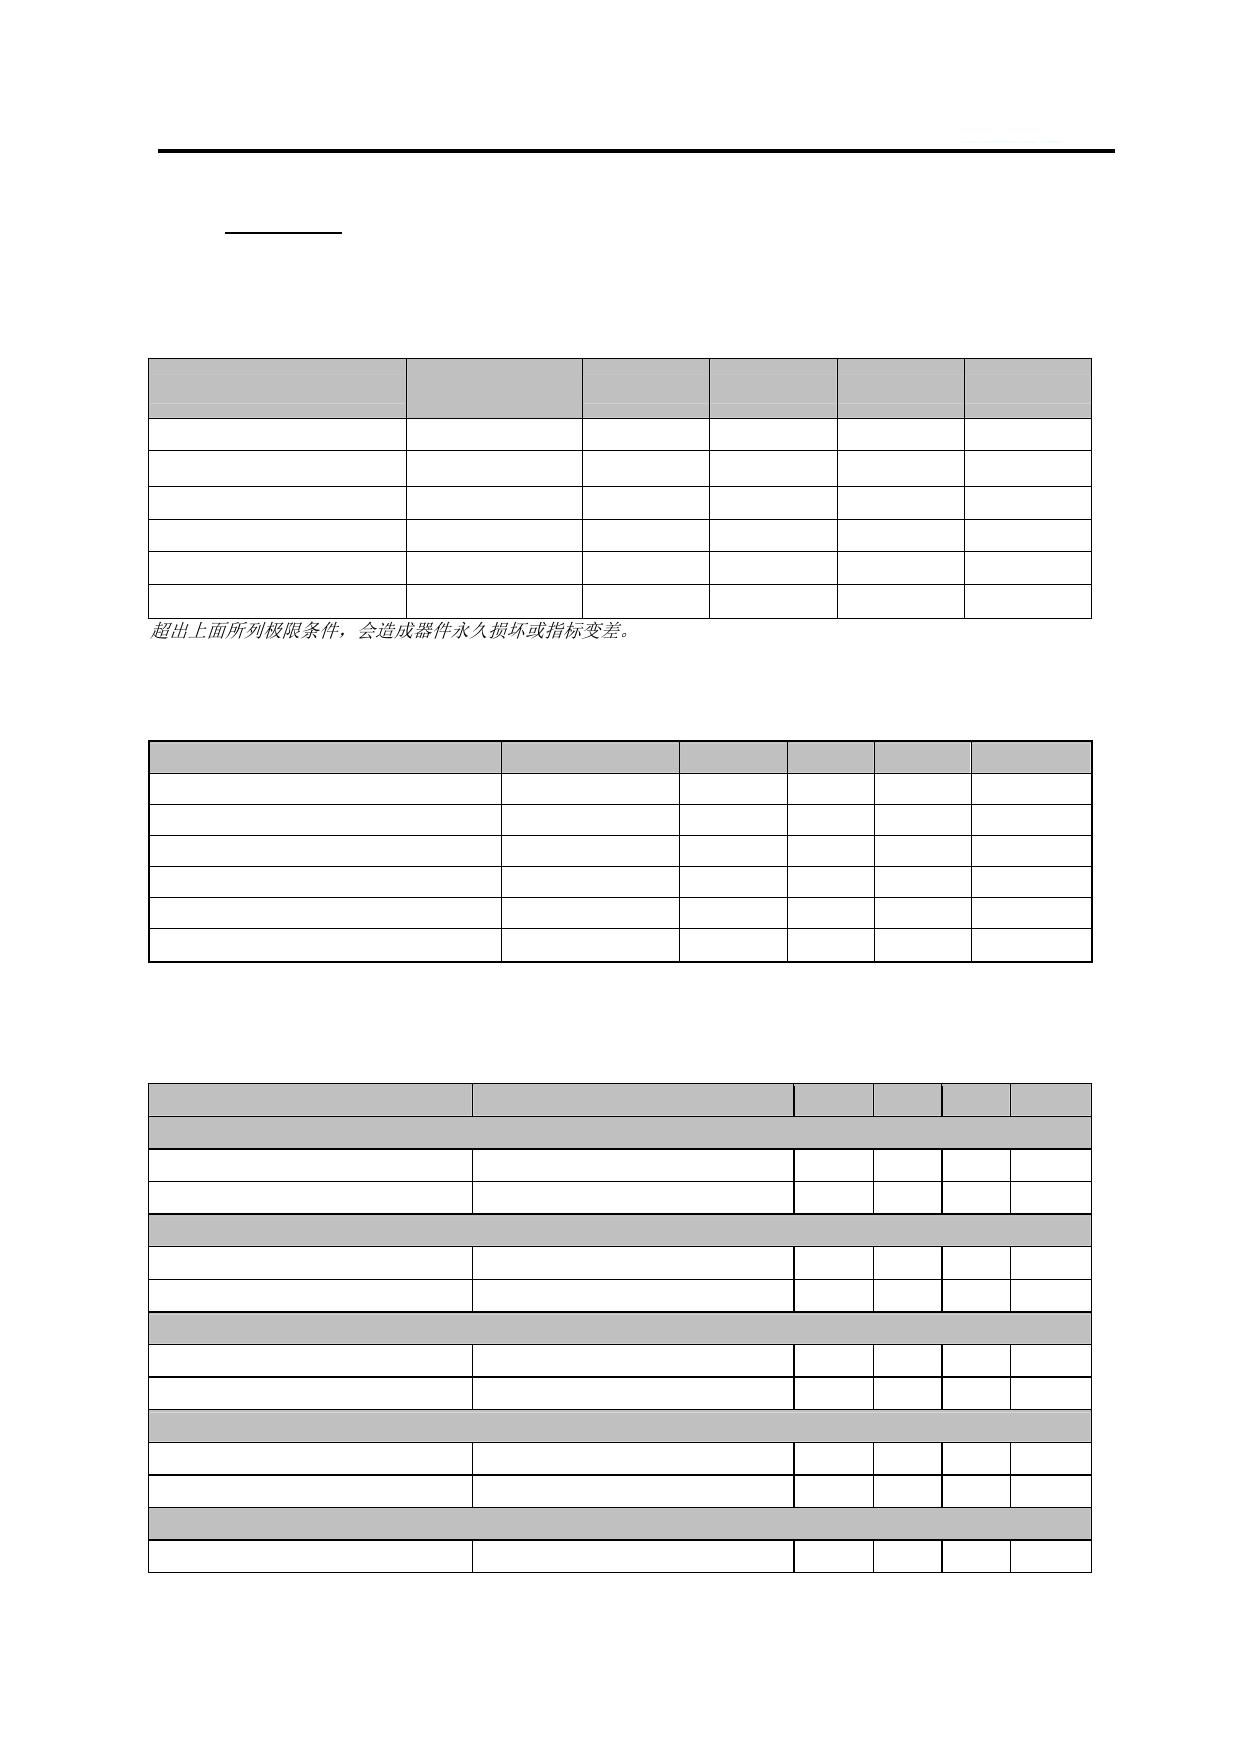 DSP6955 pdf, ピン配列